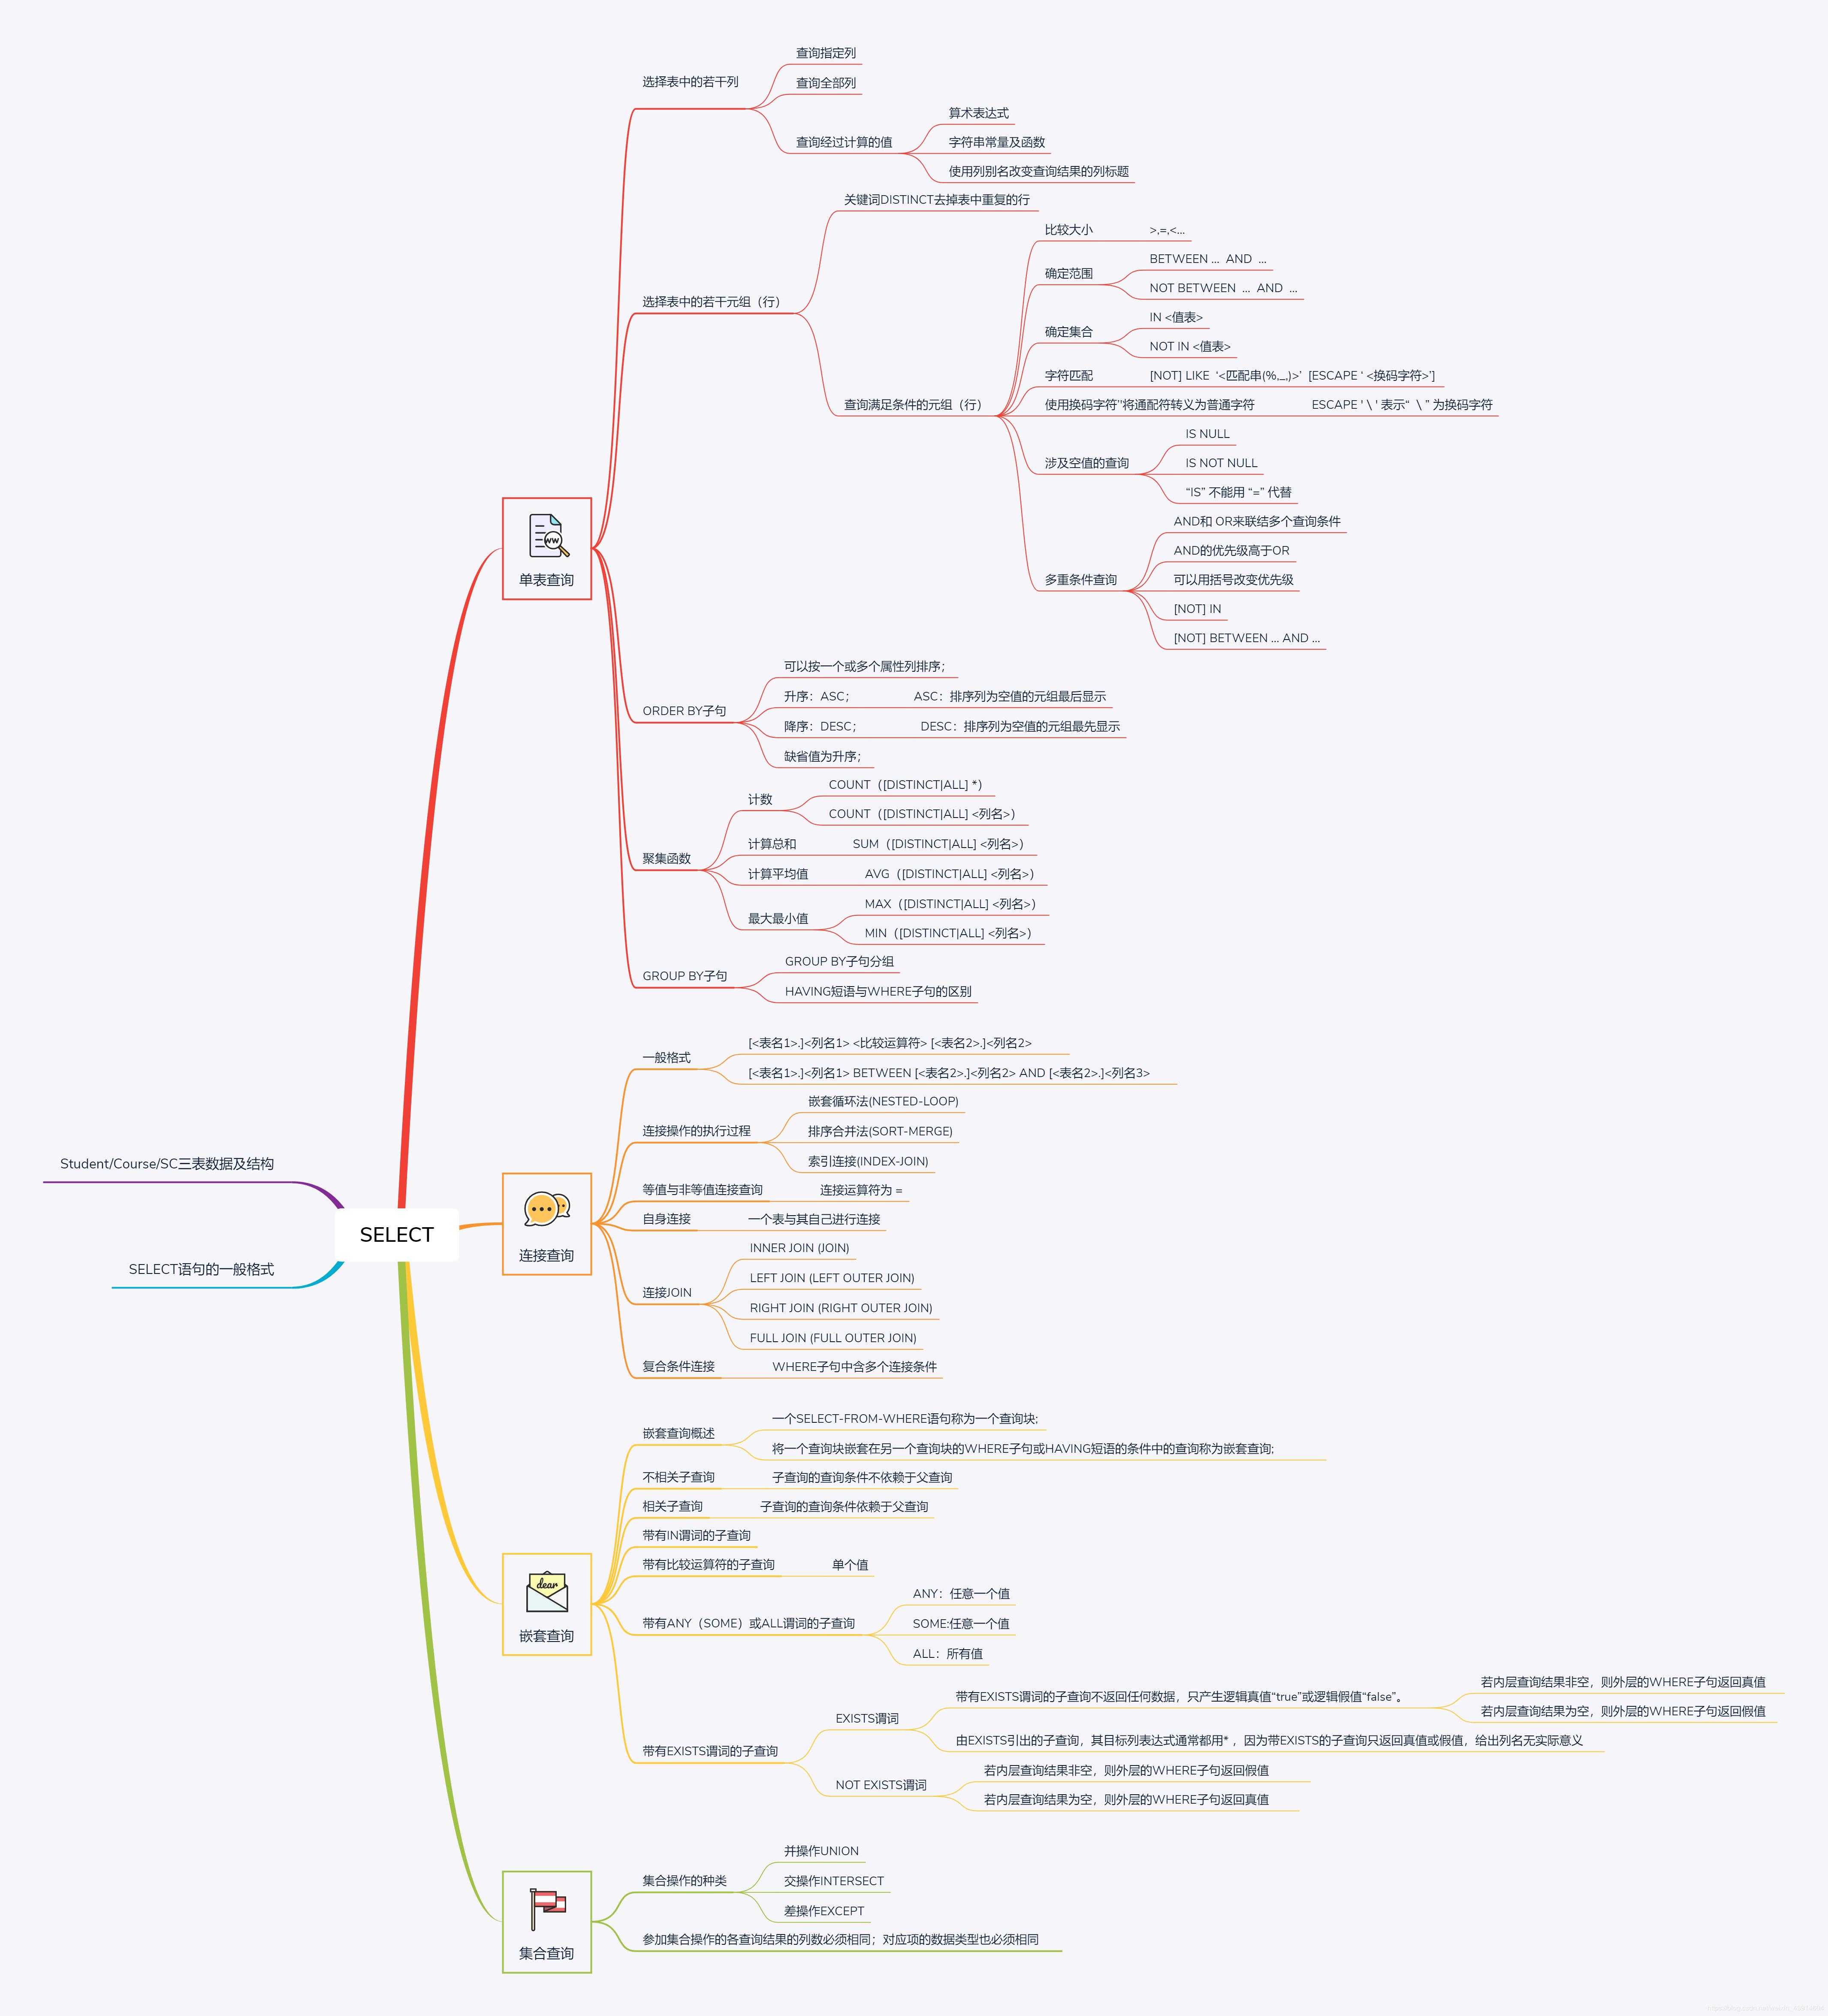 3.4 《数据库系统概论》之数据查询---SELECT(单表查询、连接查询、嵌套查询、集合查询、多表查询)